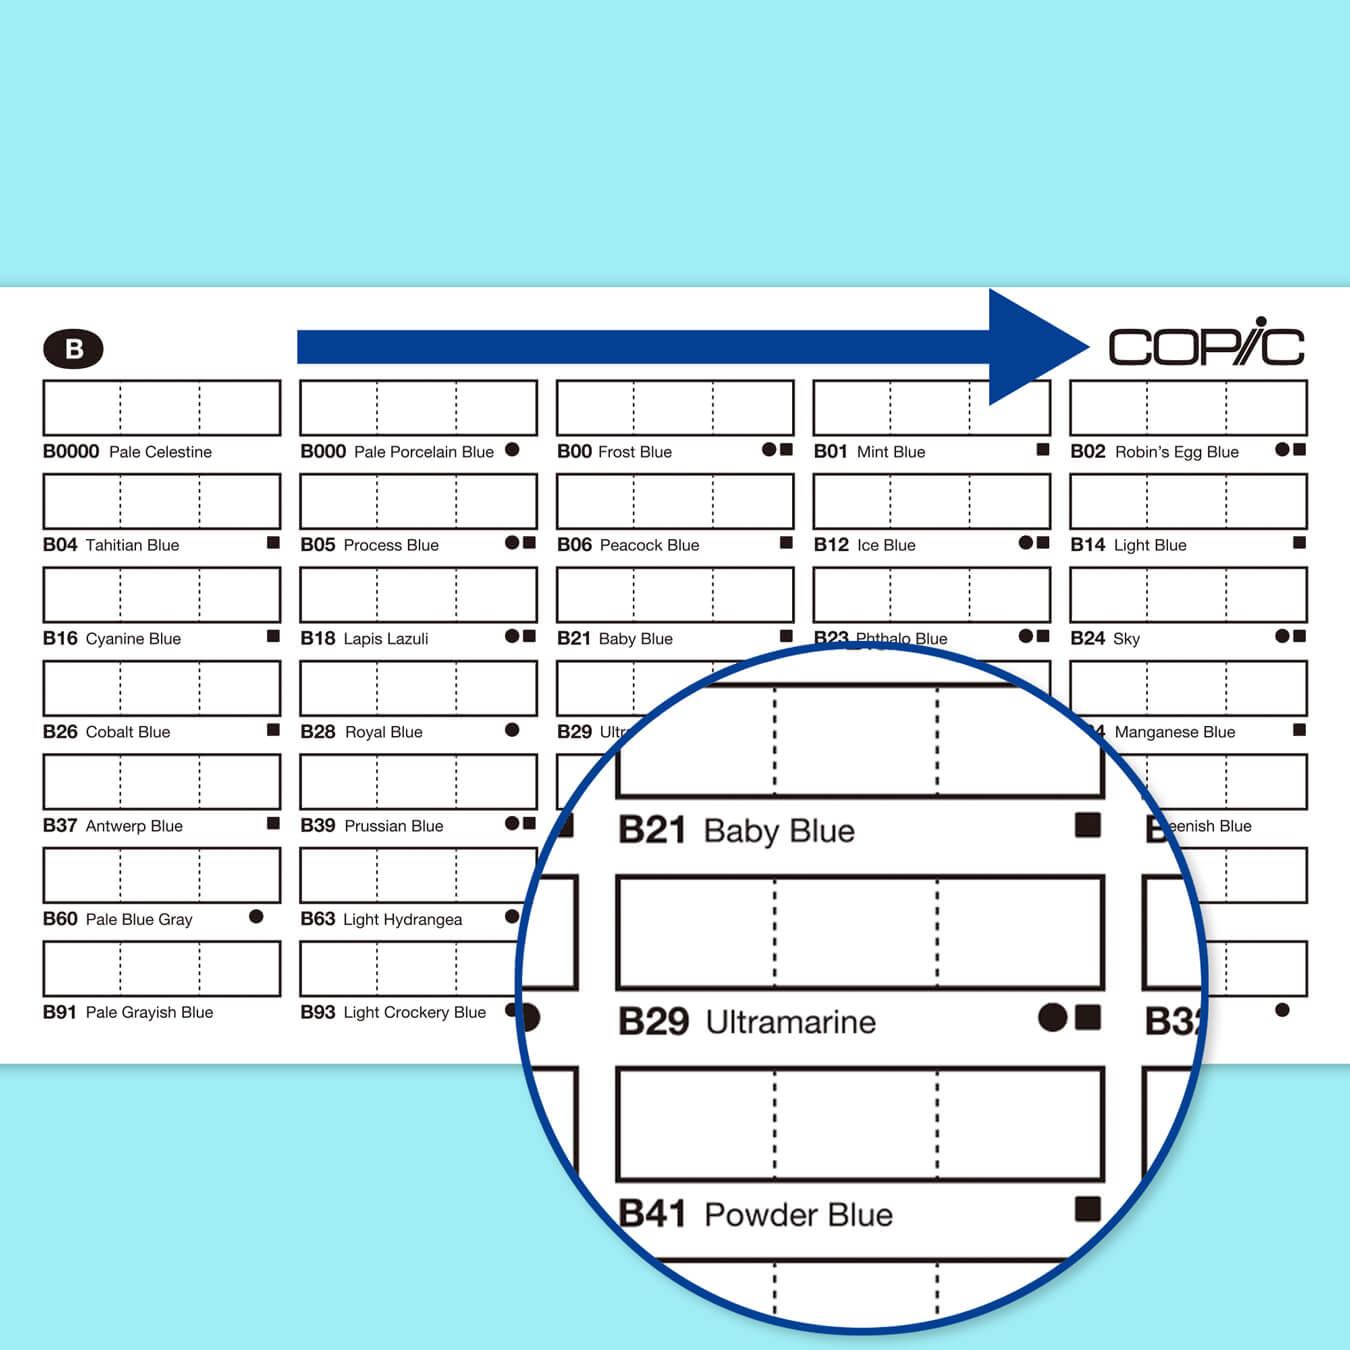 チャートボックスは色番号順に左から右に配置されています。●はコピックチャオ、■はコピッククラシックを表しており、コピックスケッチは358色全てが揃っています。